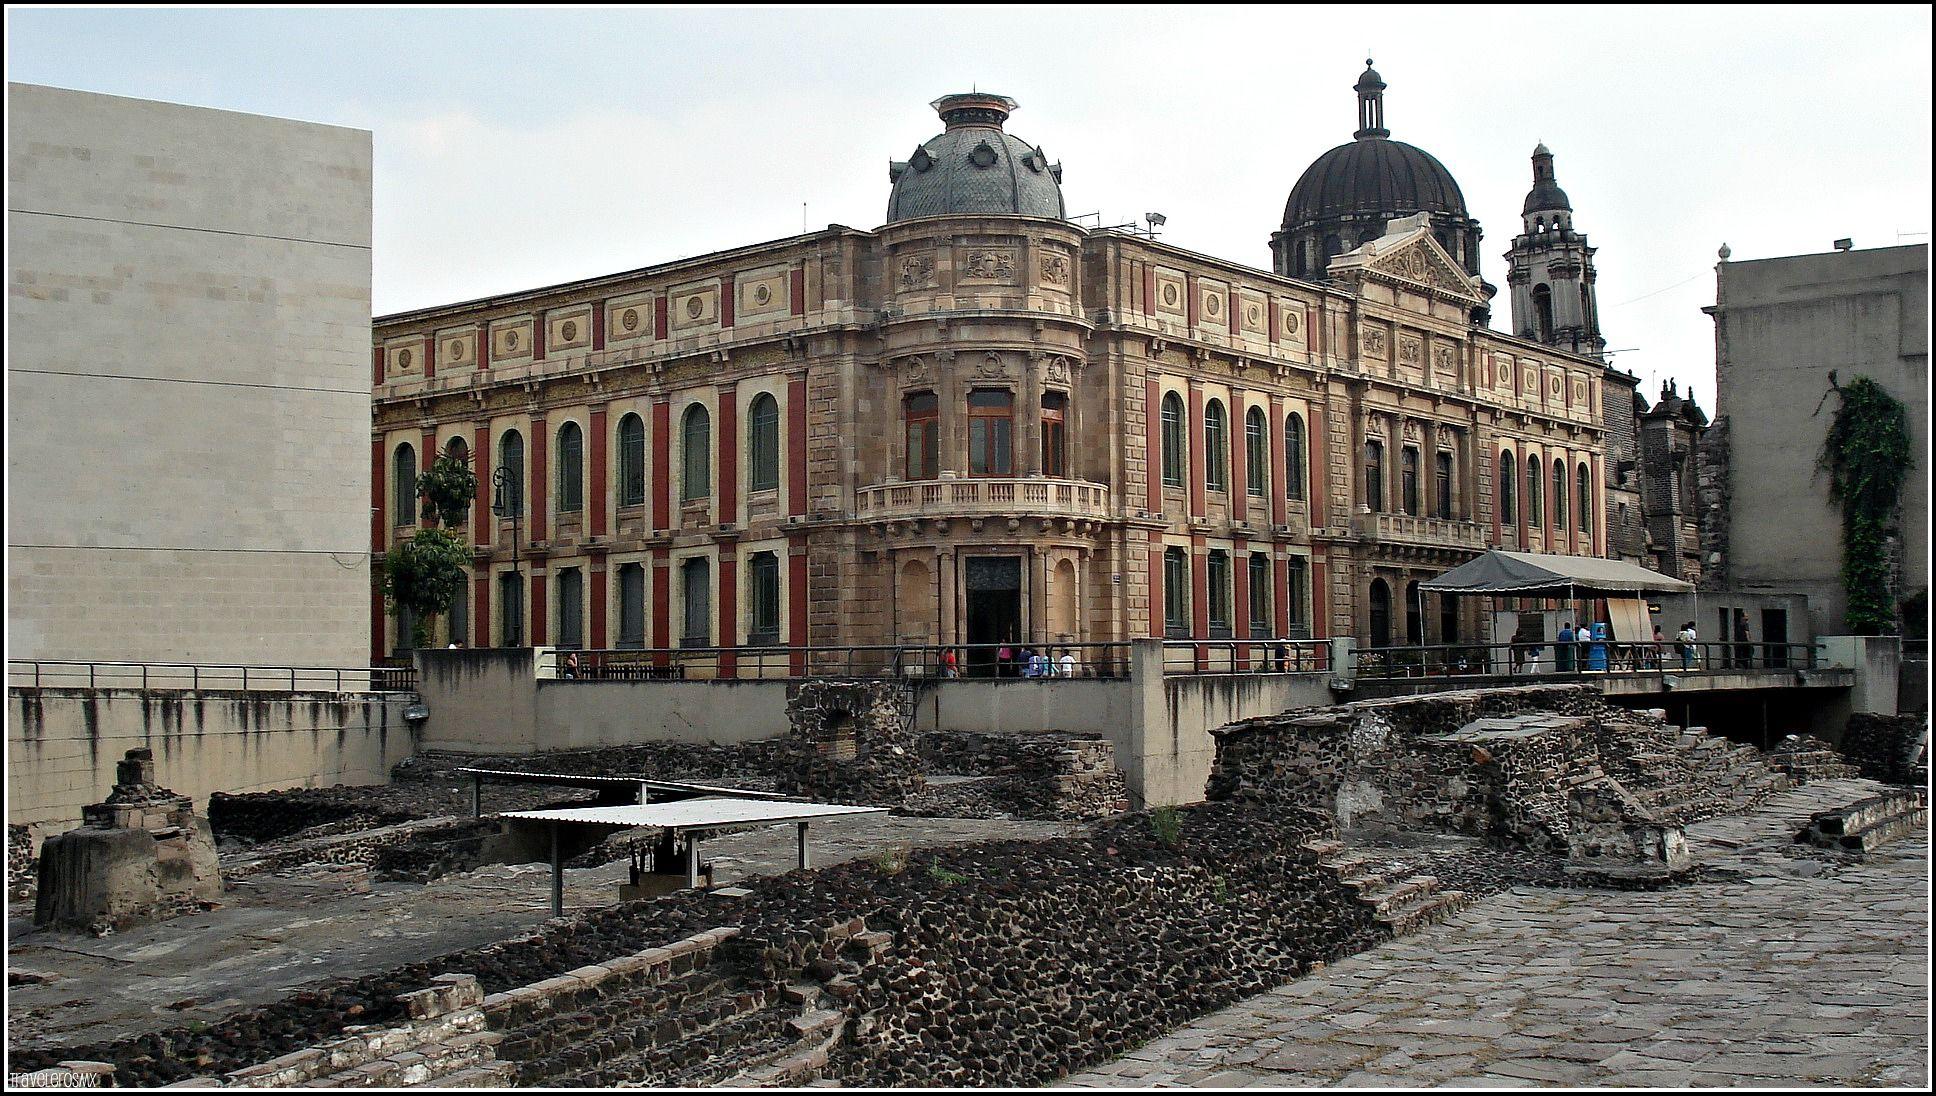 El Templo Mayor of mexico - Google Search